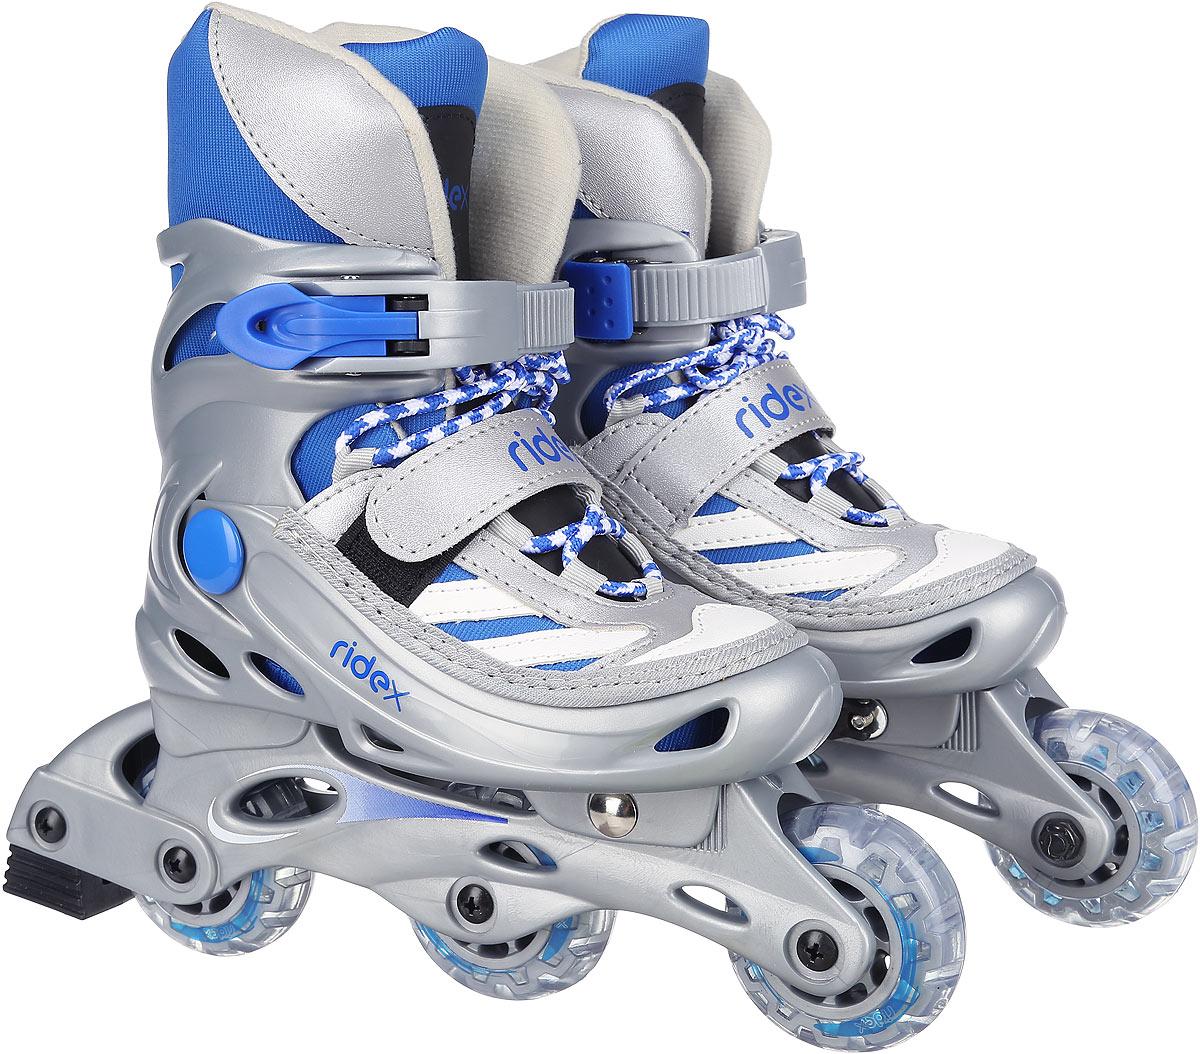 Коньки роликовые Ridex Scout, раздвижные, цвет: серый, голубой, белый. УТ-00008094. Размер 39/42